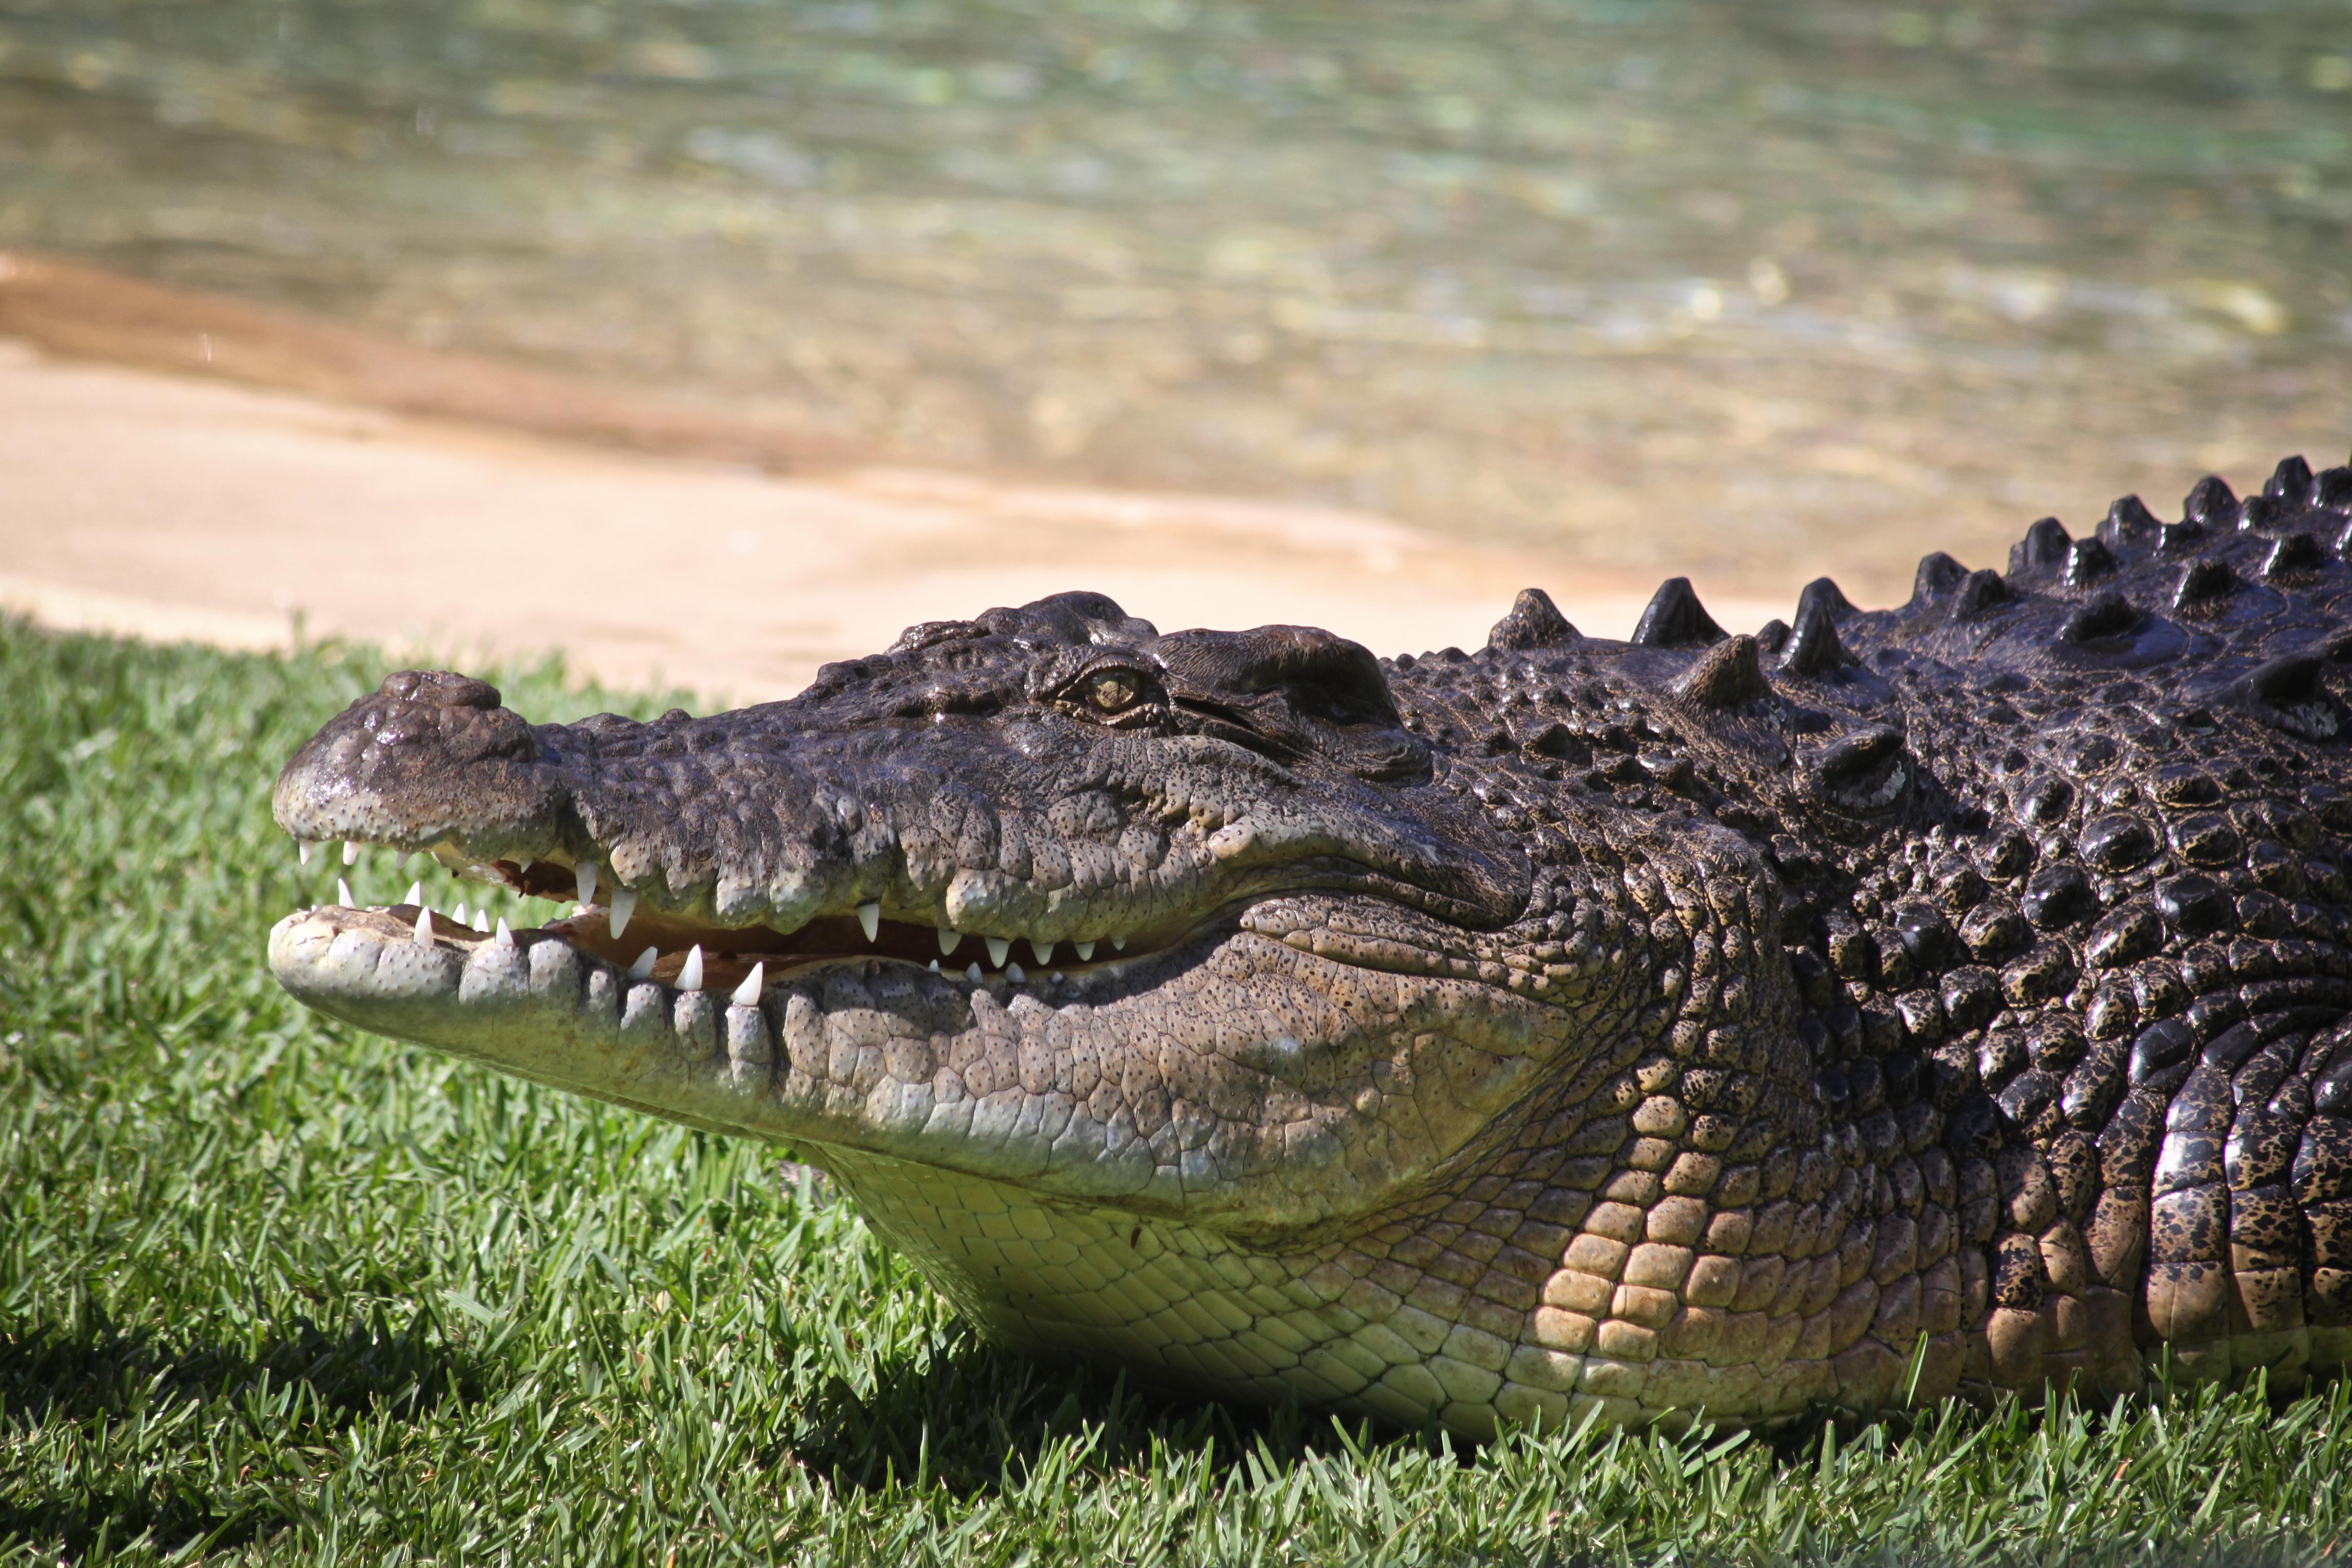 искусствоведы восхищались самый большой крокодил в мире фото что